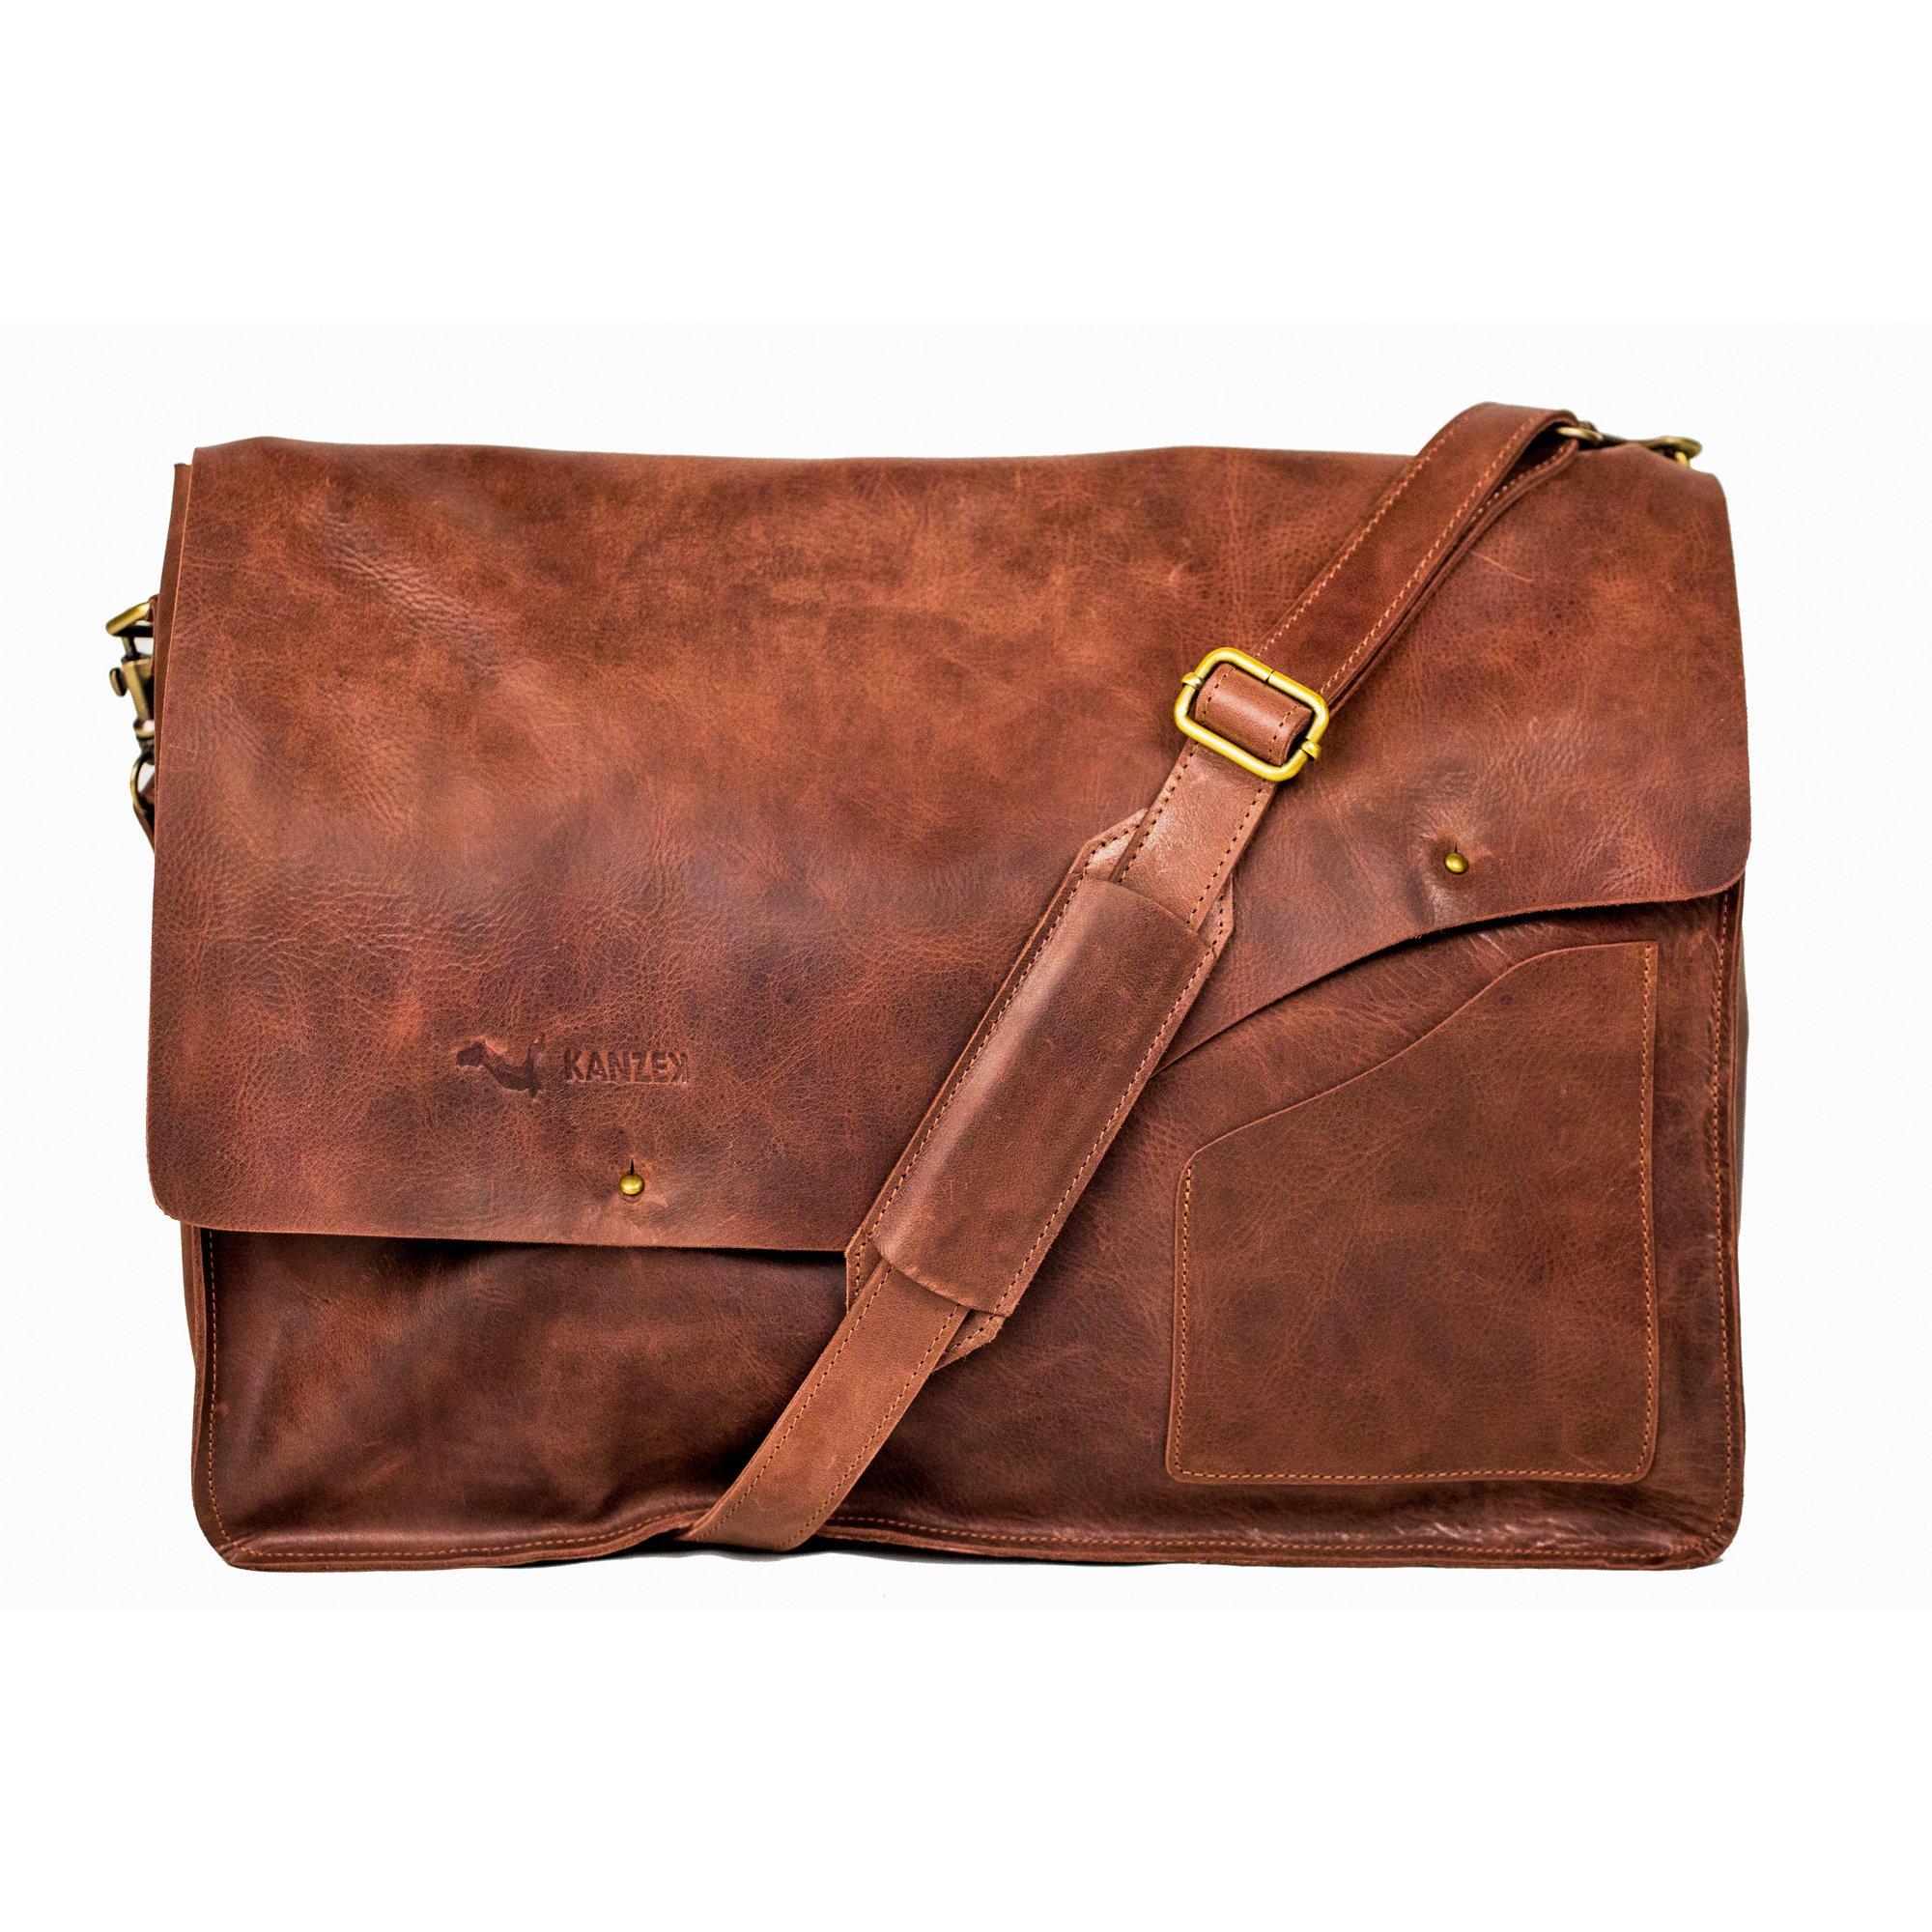 KANZEK 18'' Laptops Full Grain Cowhide Leather Messenger Bag / Executive Shoulder Satchel Briefcase. Distressed Vintage Brown, Large and Light for Men & Women by KANZEK